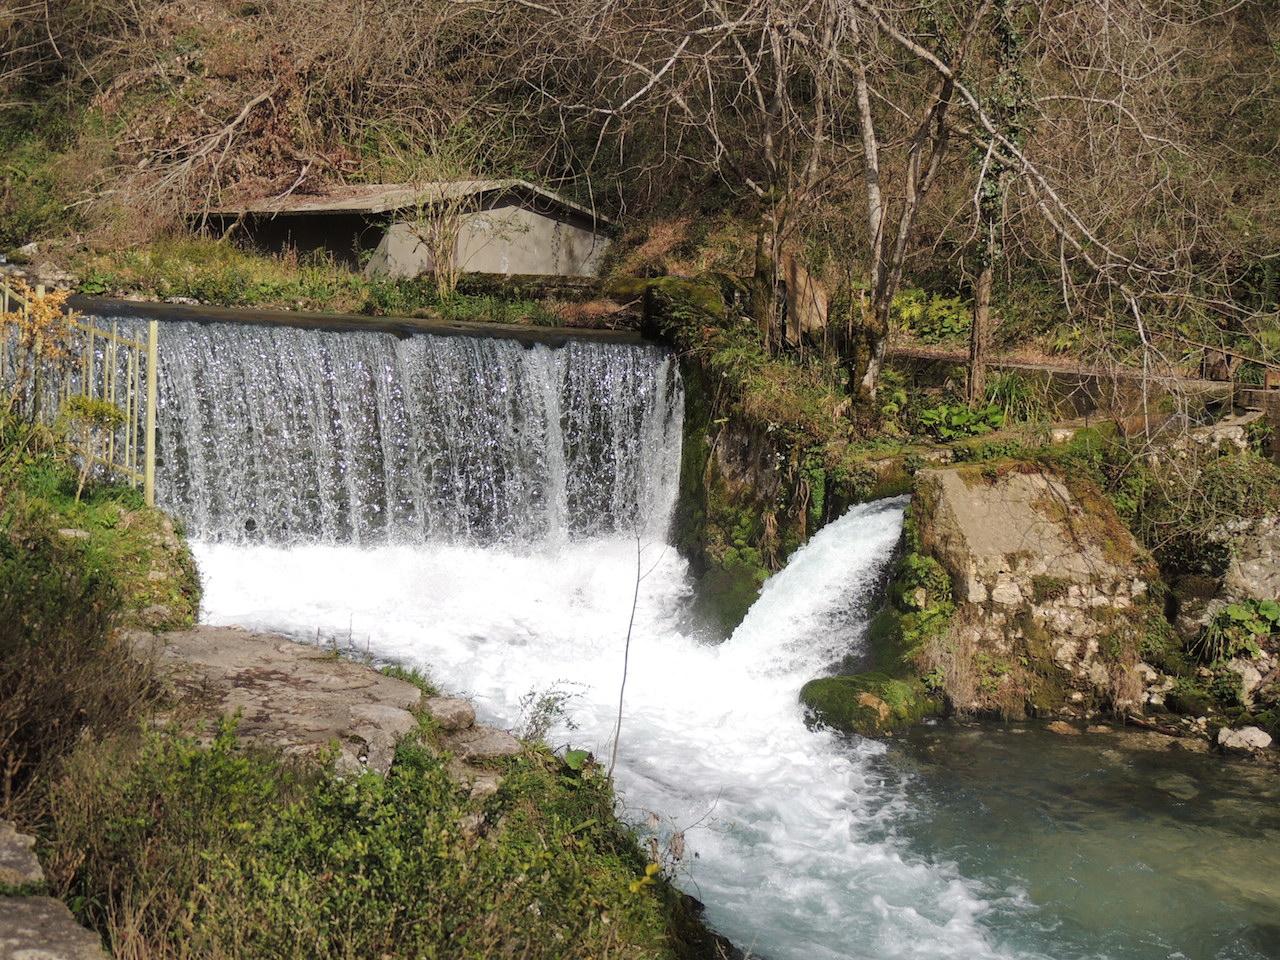 Абхазия Новый Афон Парк плотина 1903 года 14 марта 2015 г., 16-42.JPG